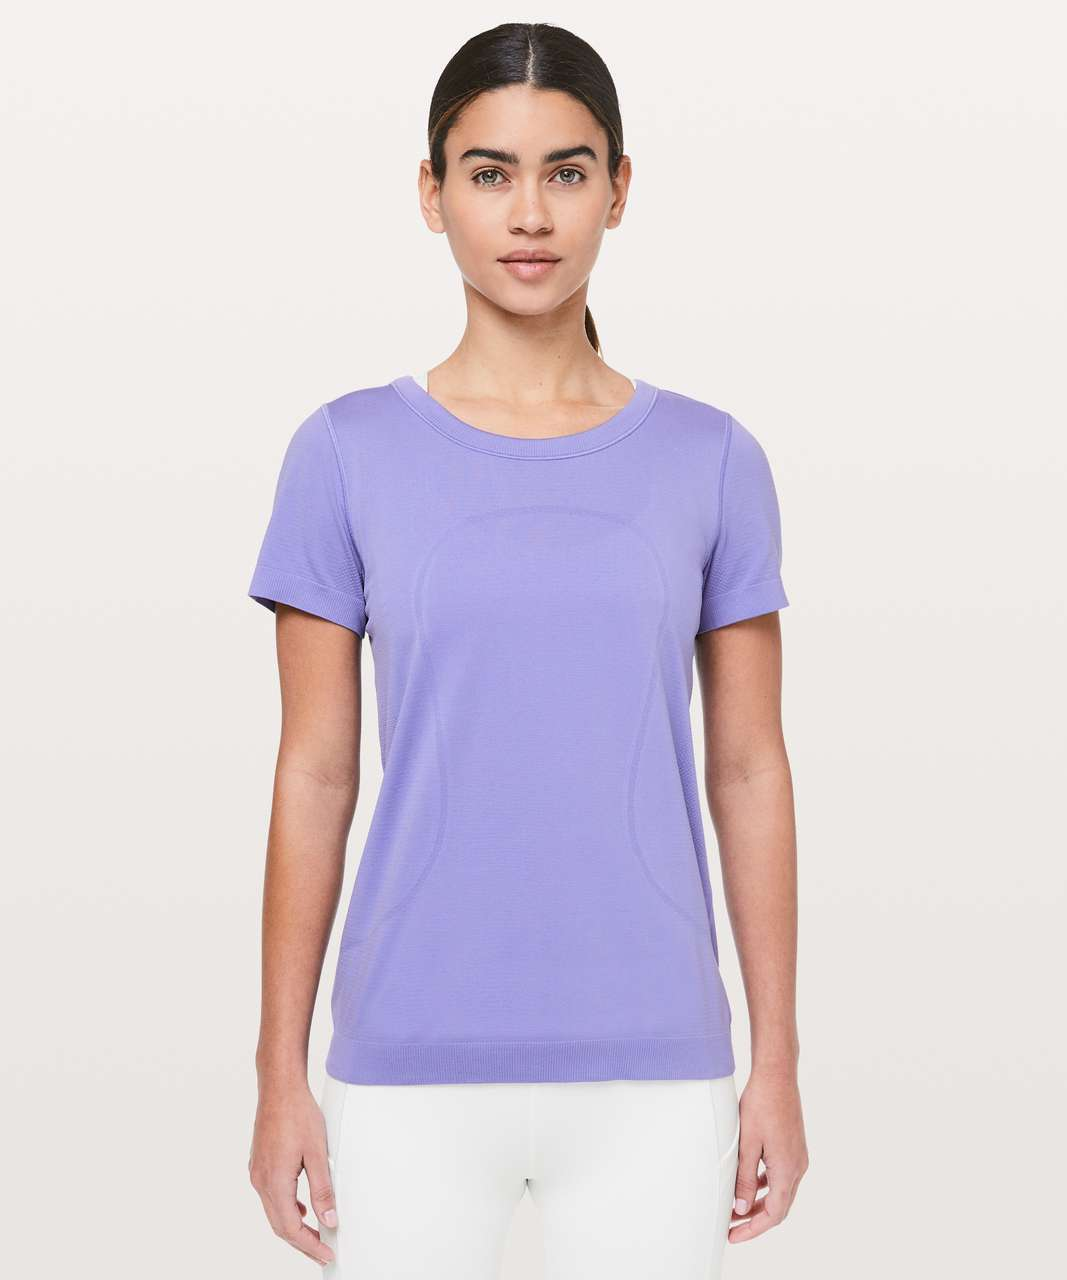 Lululemon Swiftly Tech Short Sleeve (Breeze) *Relaxed Fit - Solar Purple / Solar Purple